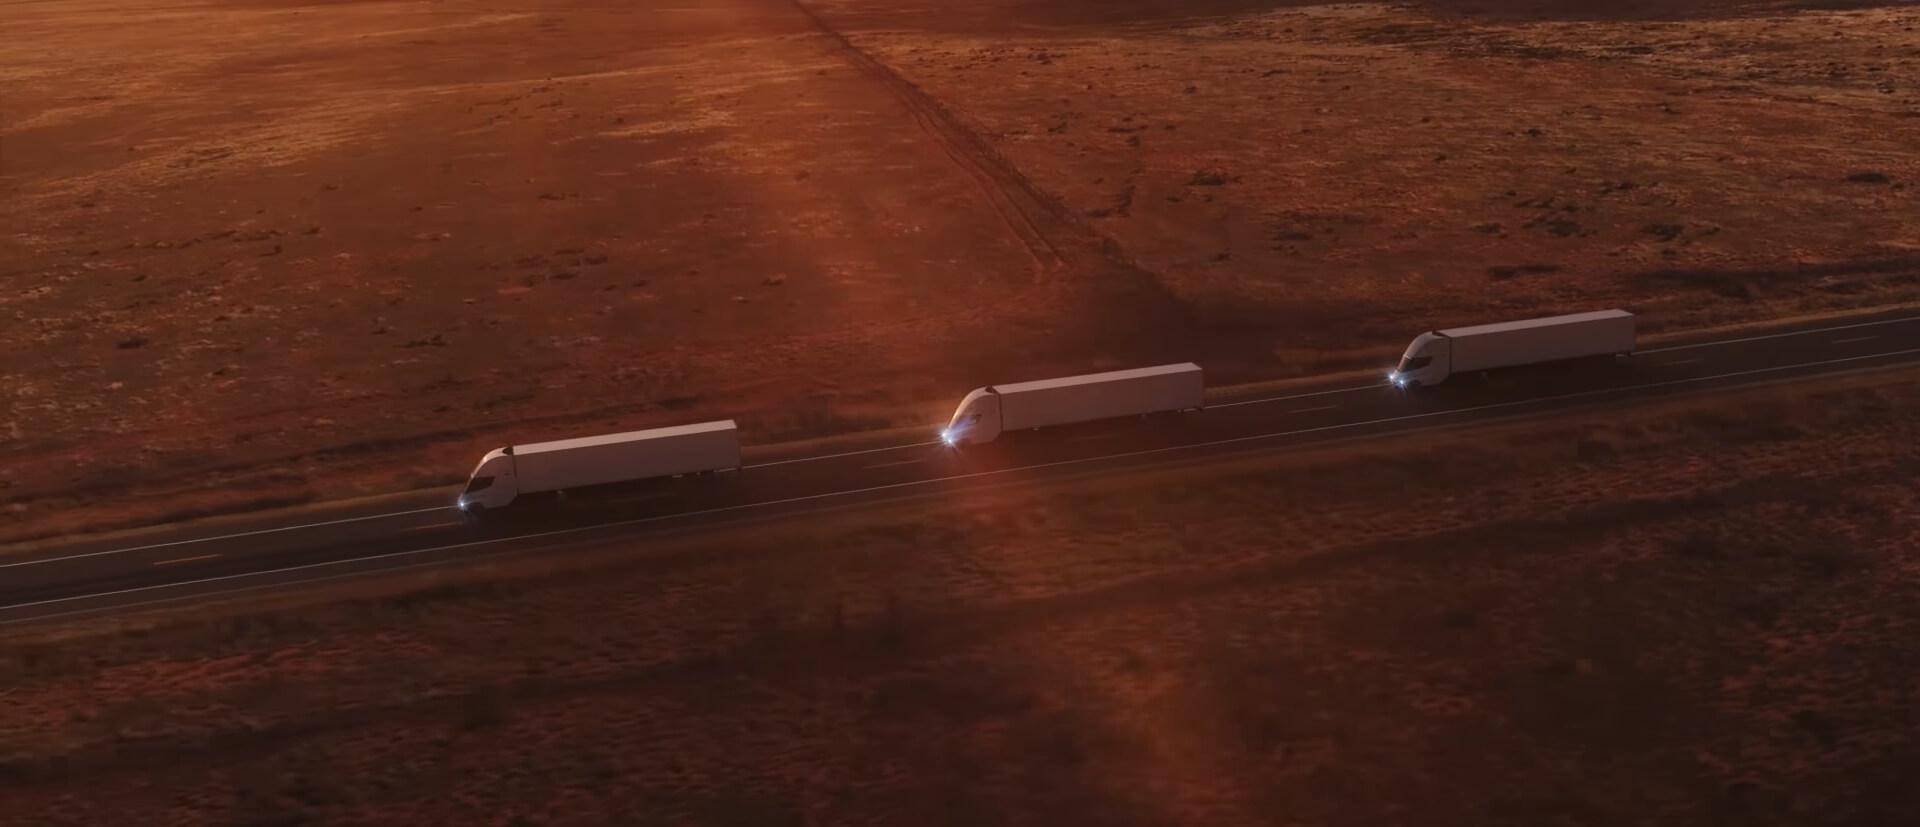 Конвой изтрех электрогрузовиков Tesla Semi